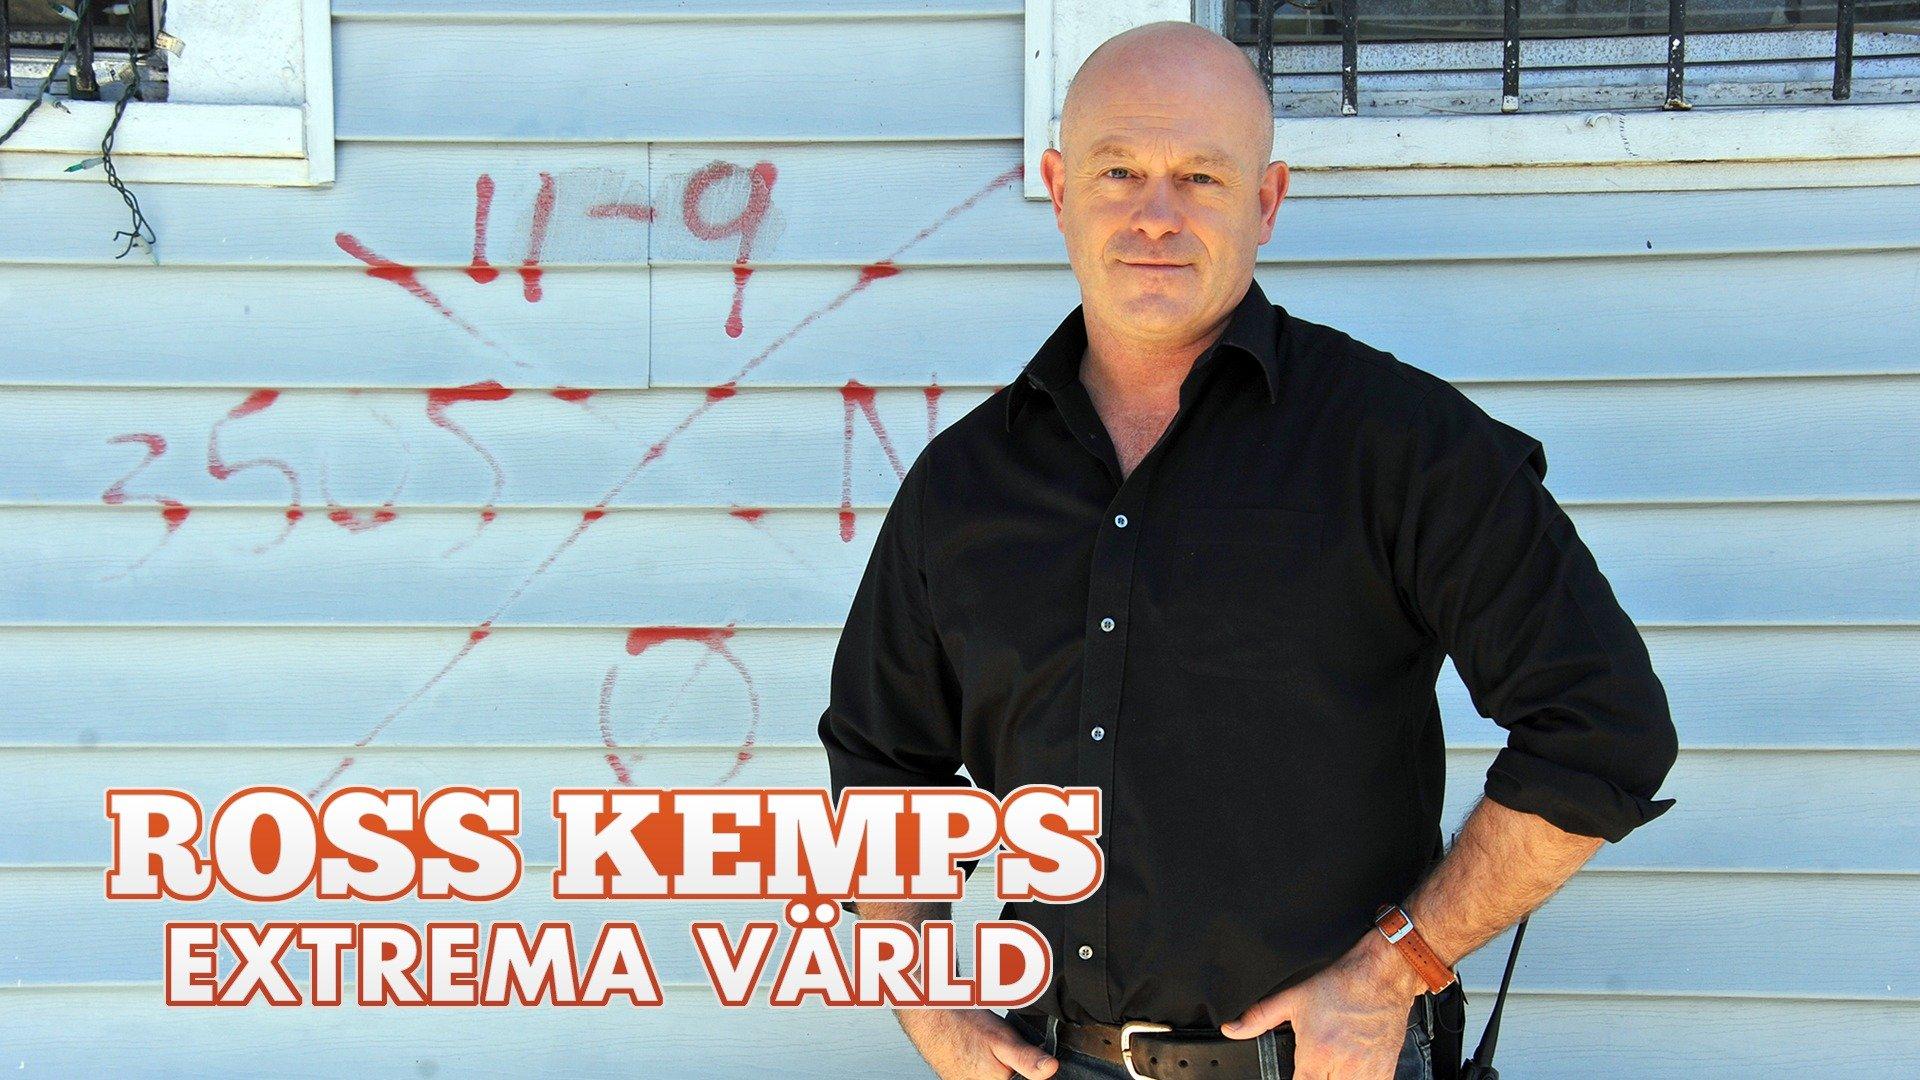 Ross Kemps extrema värld